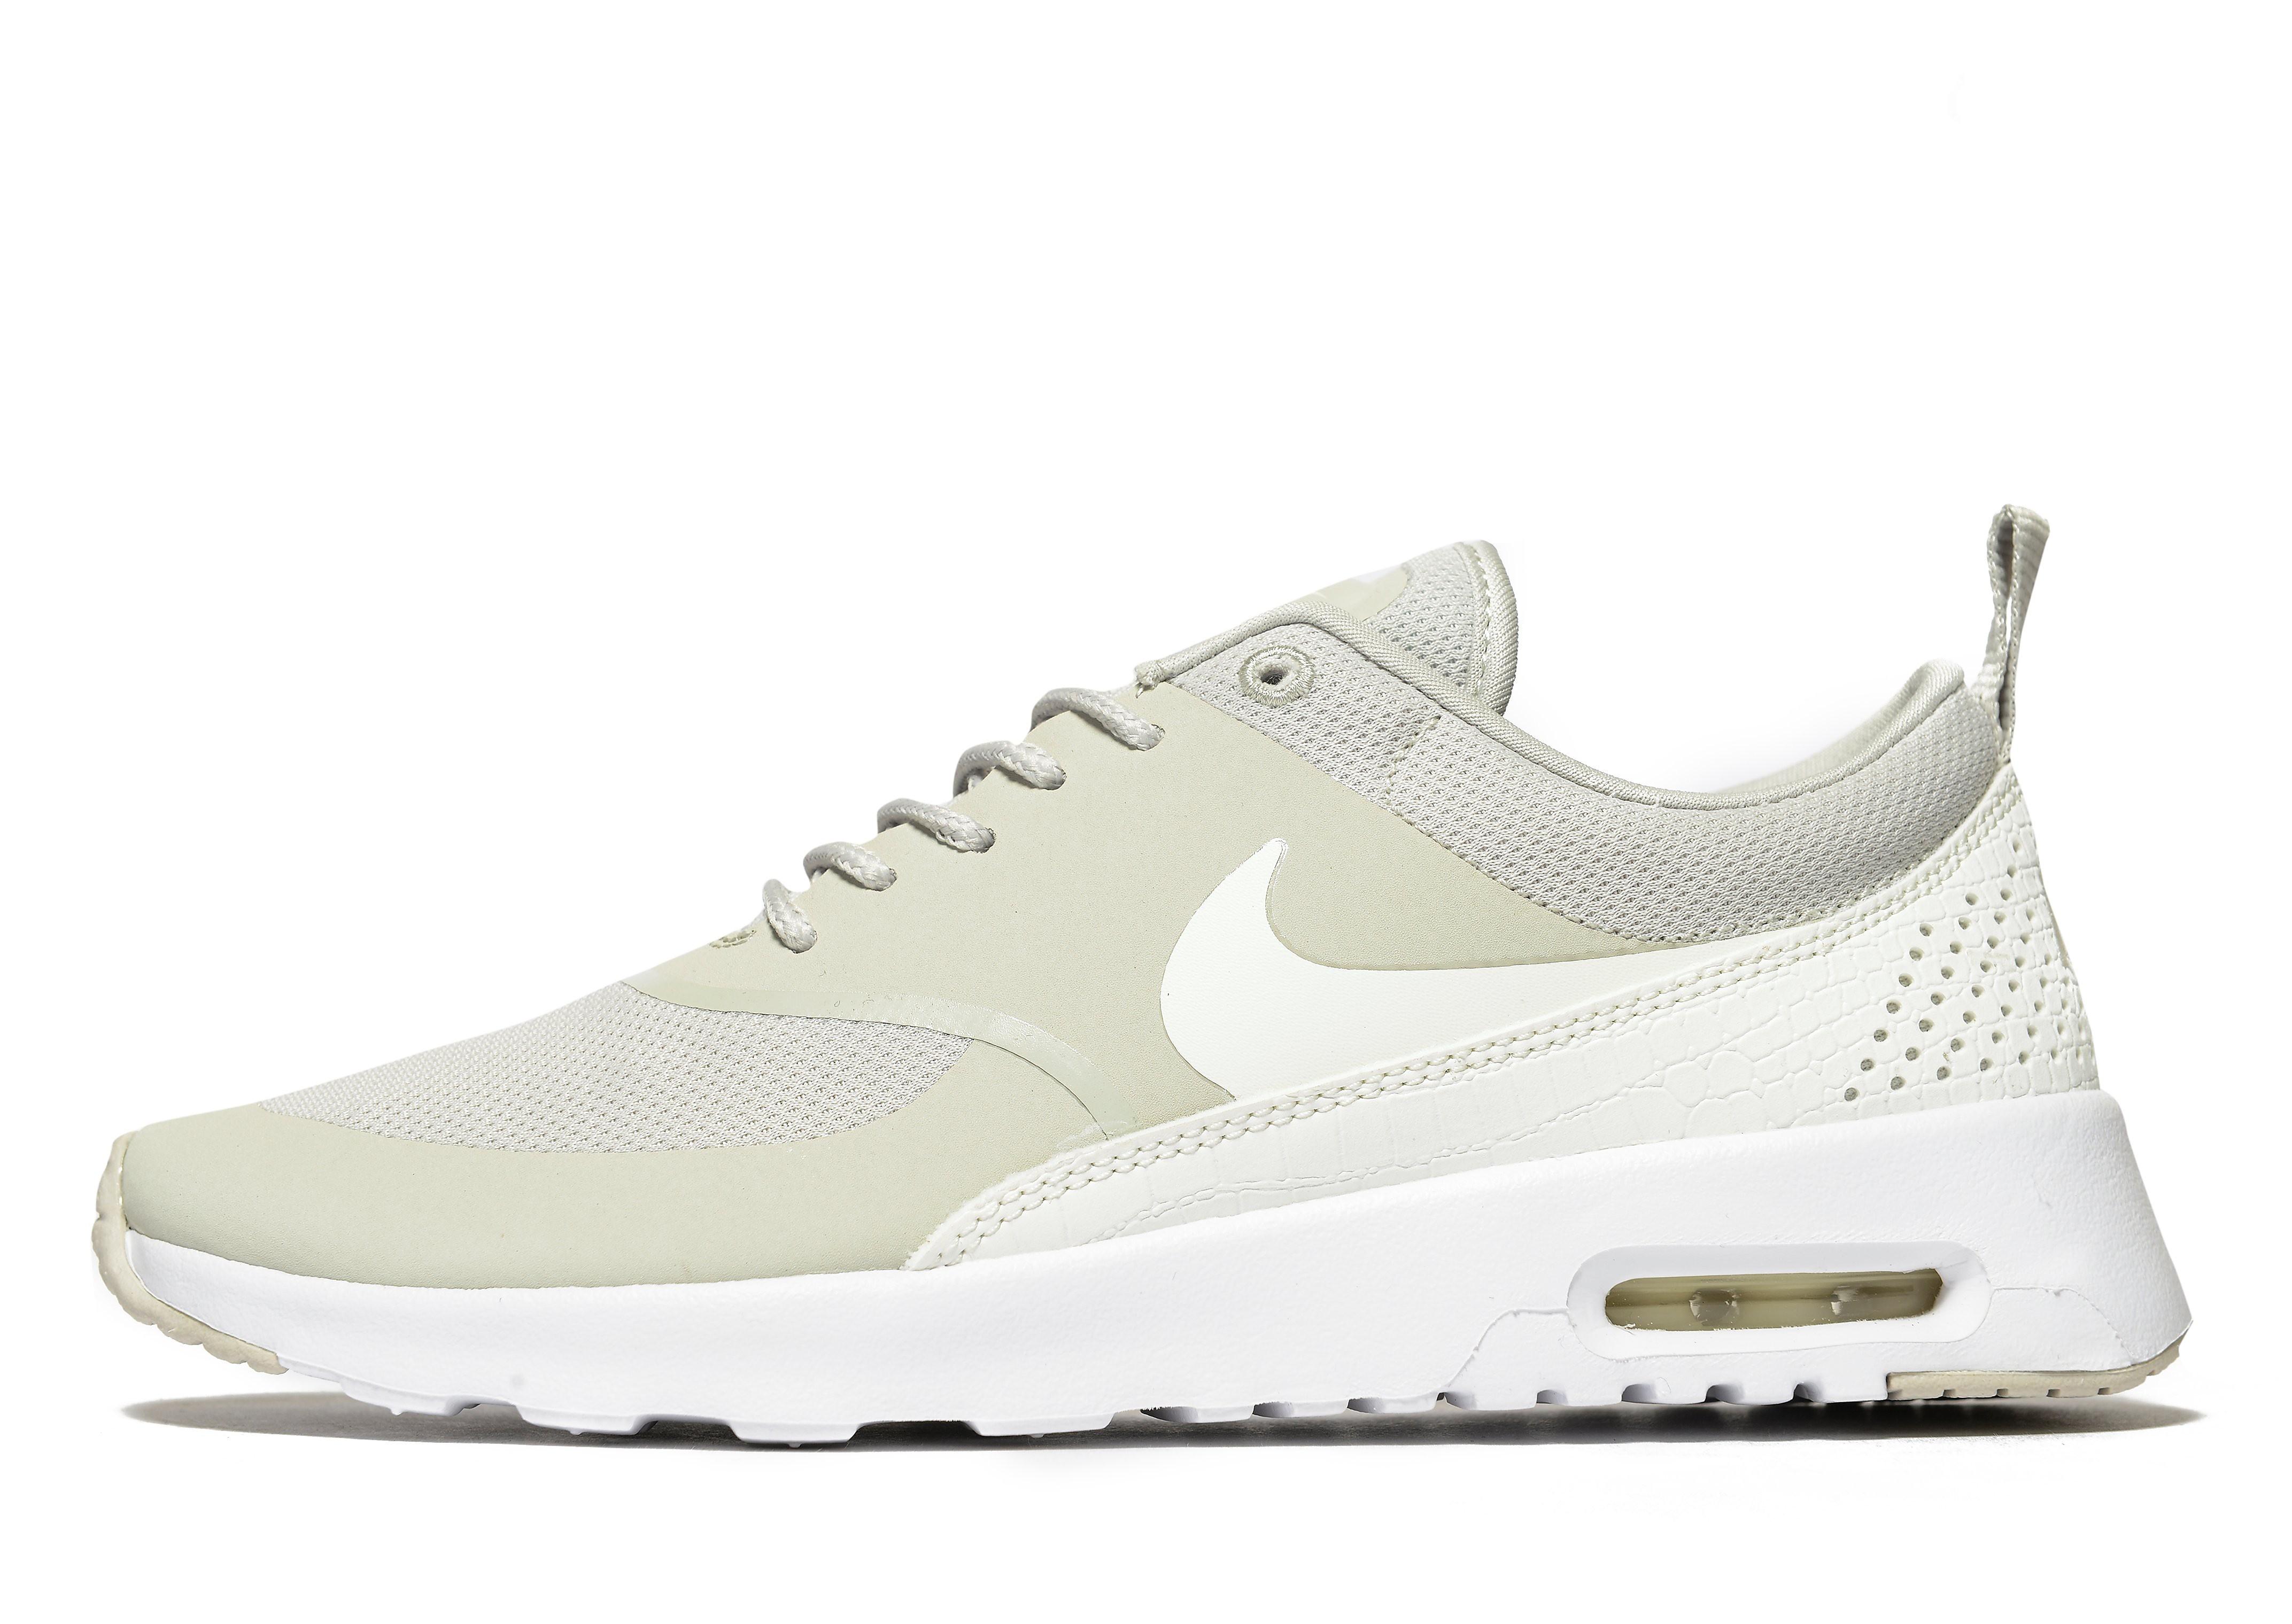 Nike Air Max Thea Dames